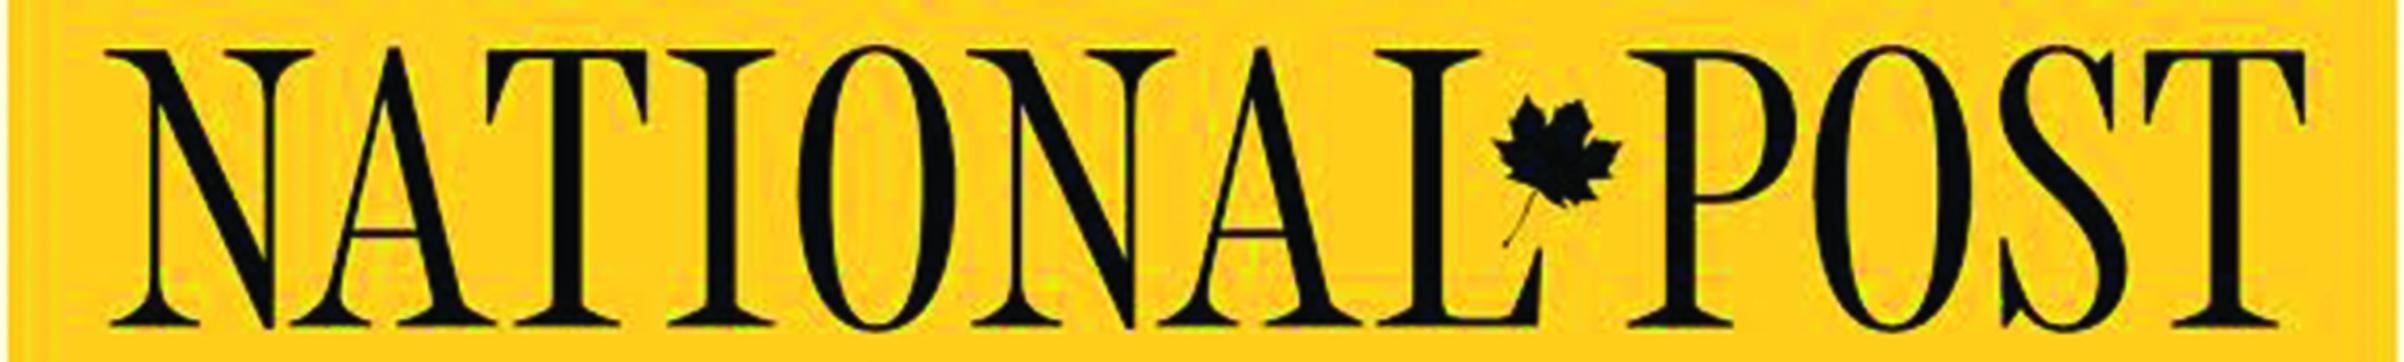 SYMON, SHANNON: National-Post-logo.jpg